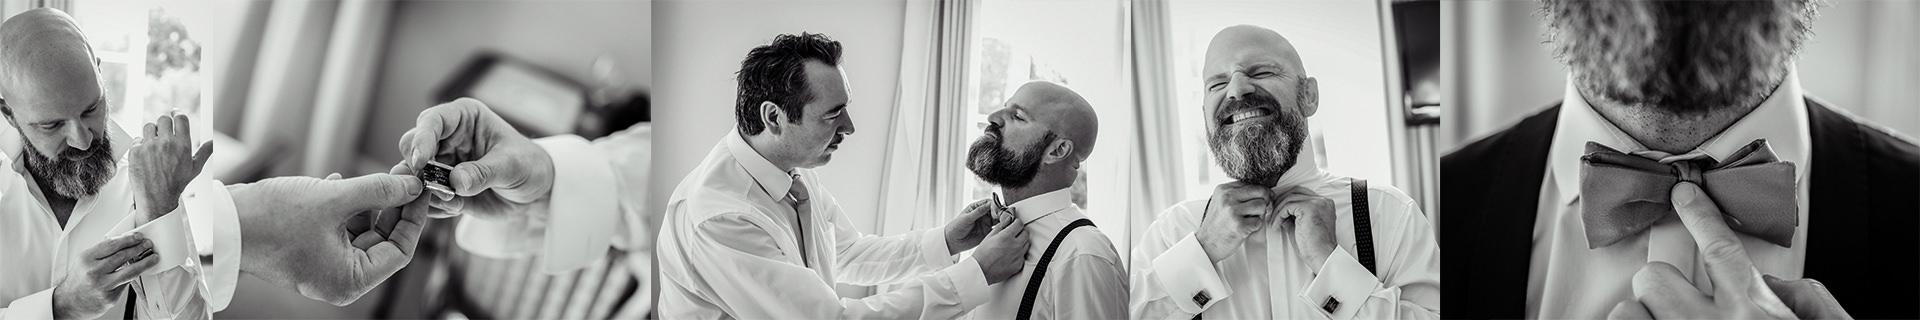 trenner-wedding